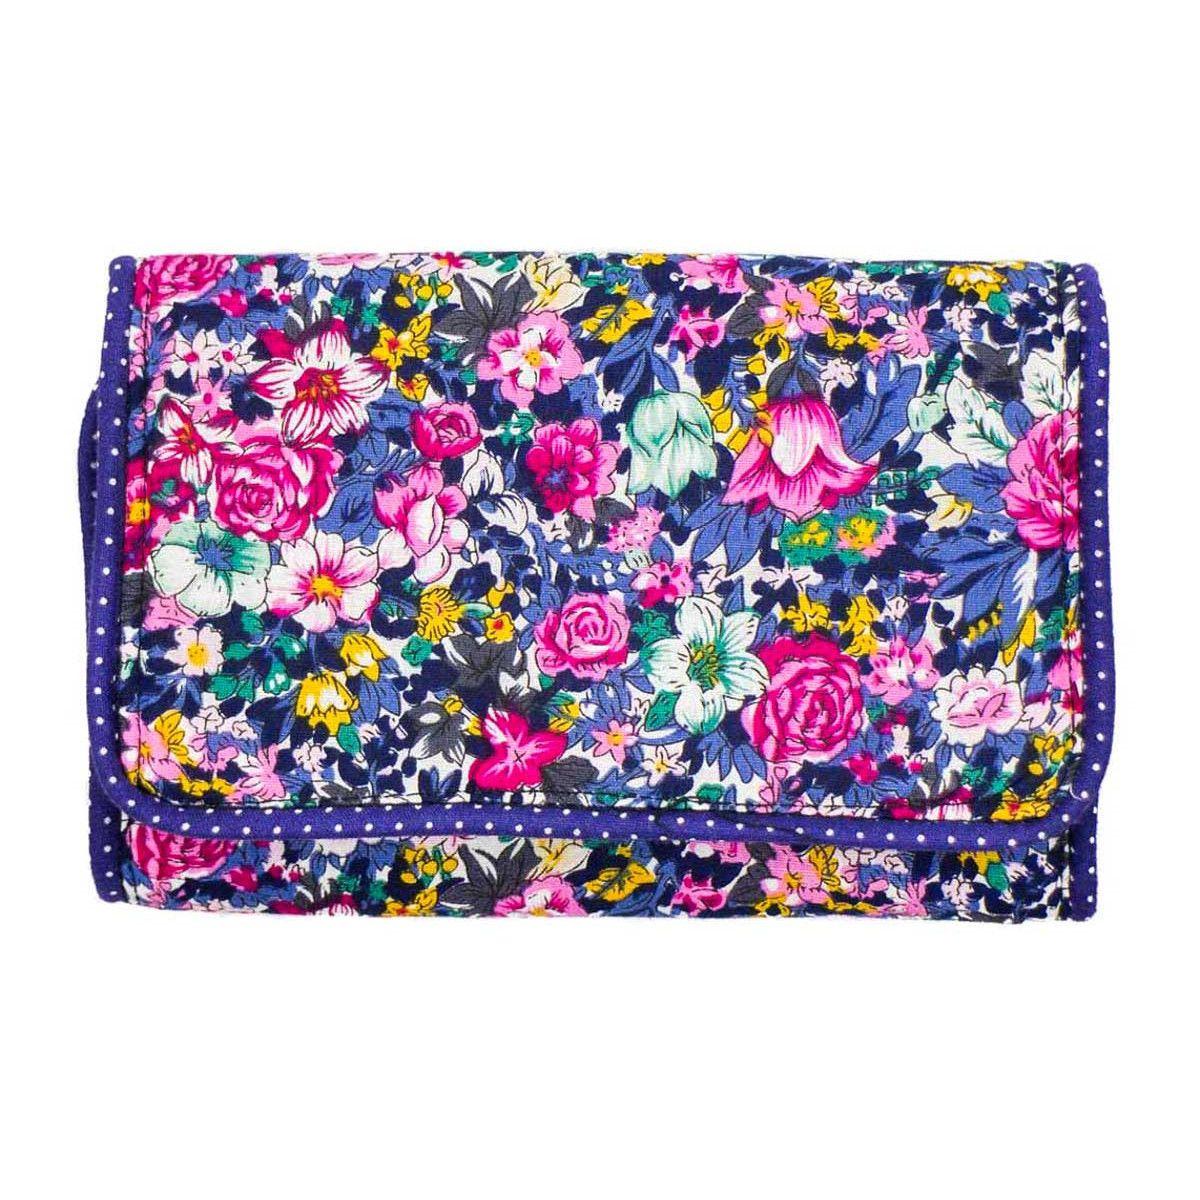 Pochette à barrettes bijoux fille bleu et fleurs colorées